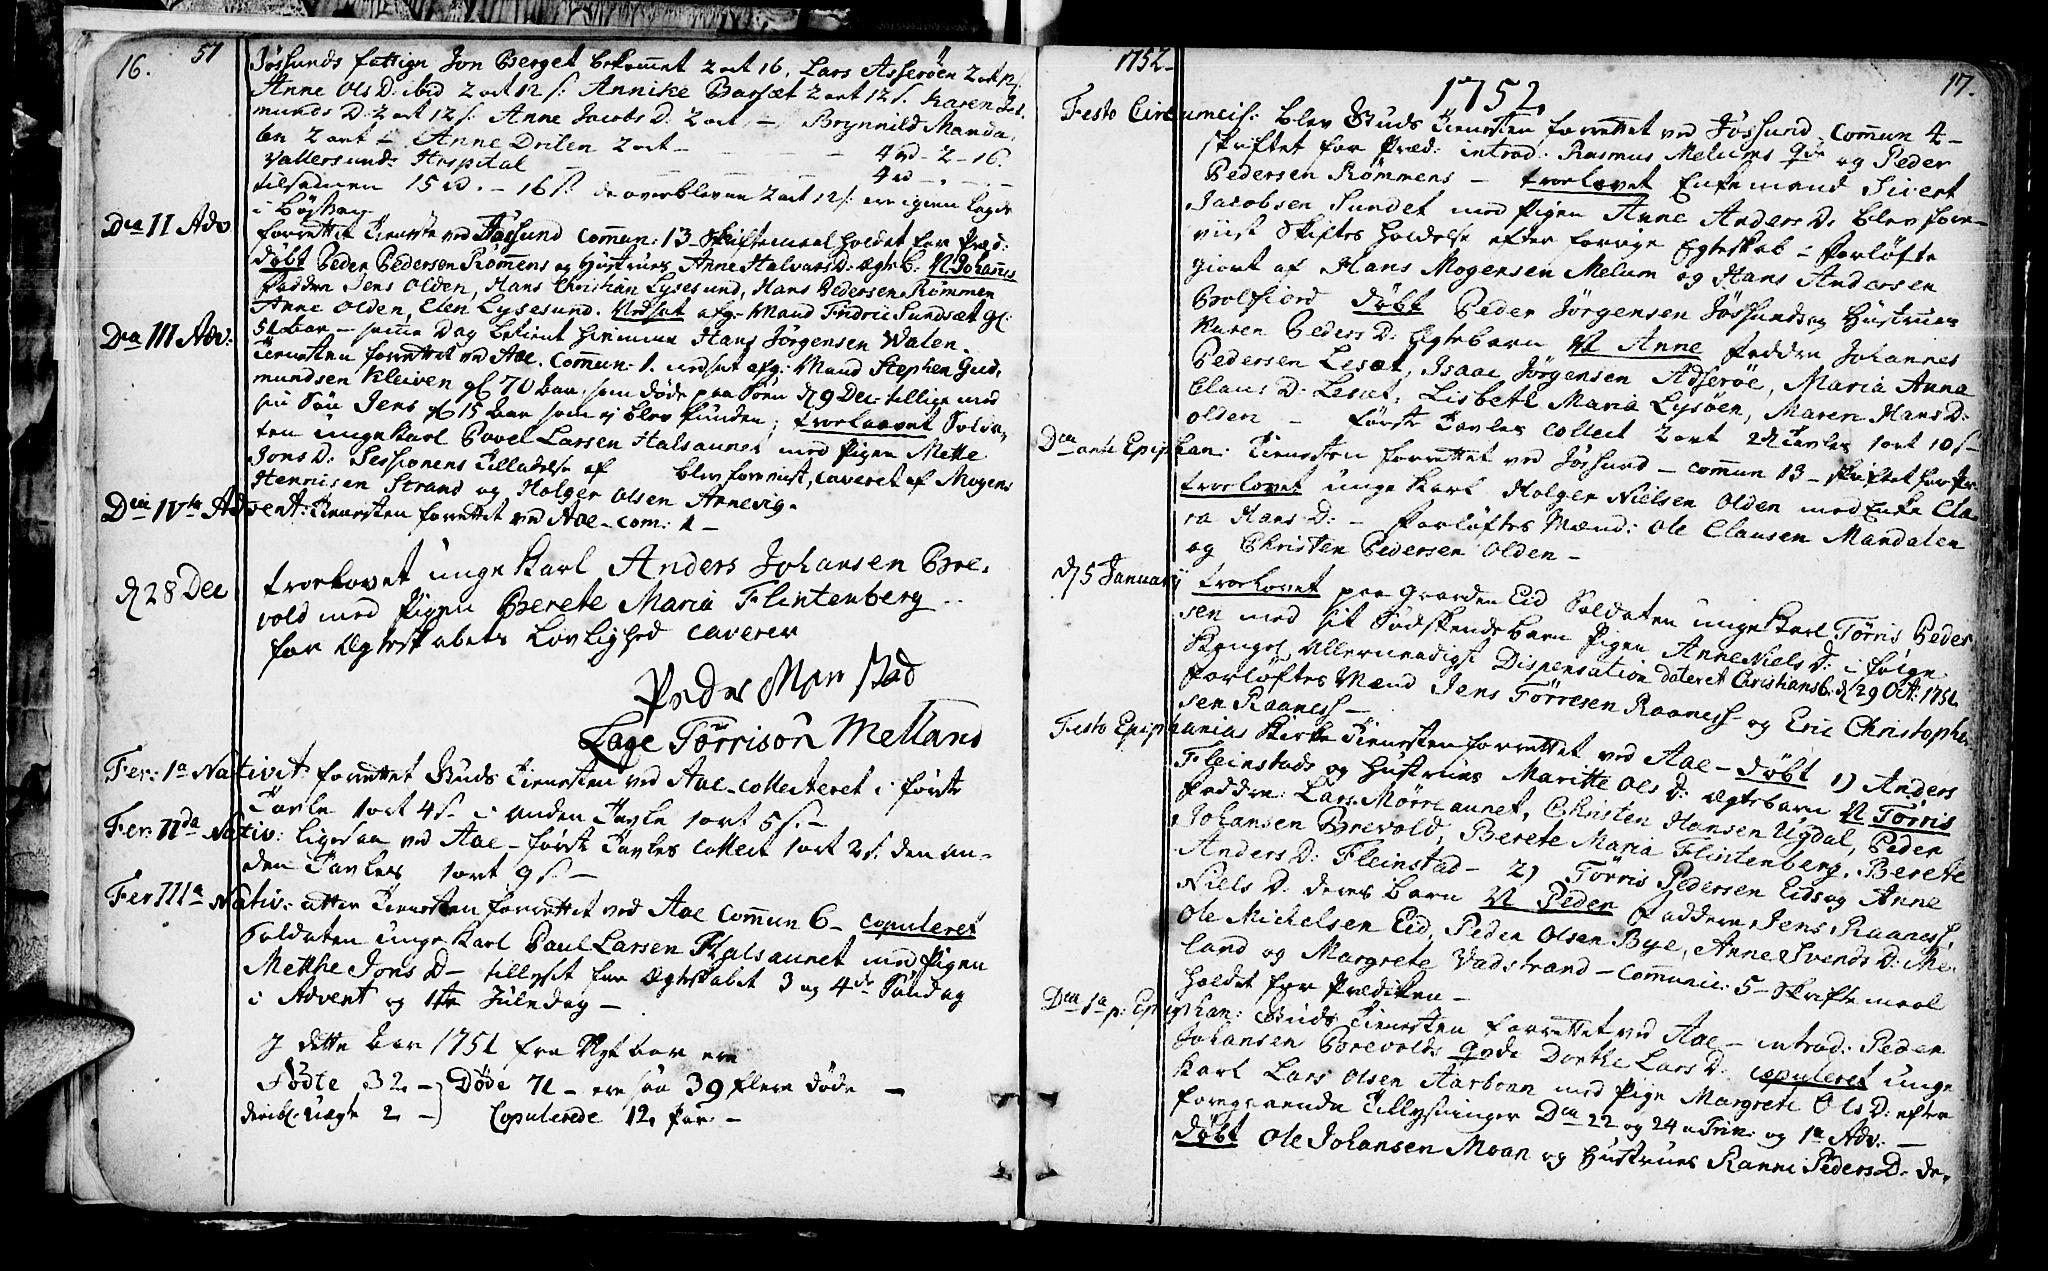 SAT, Ministerialprotokoller, klokkerbøker og fødselsregistre - Sør-Trøndelag, 655/L0672: Ministerialbok nr. 655A01, 1750-1779, s. 16-17